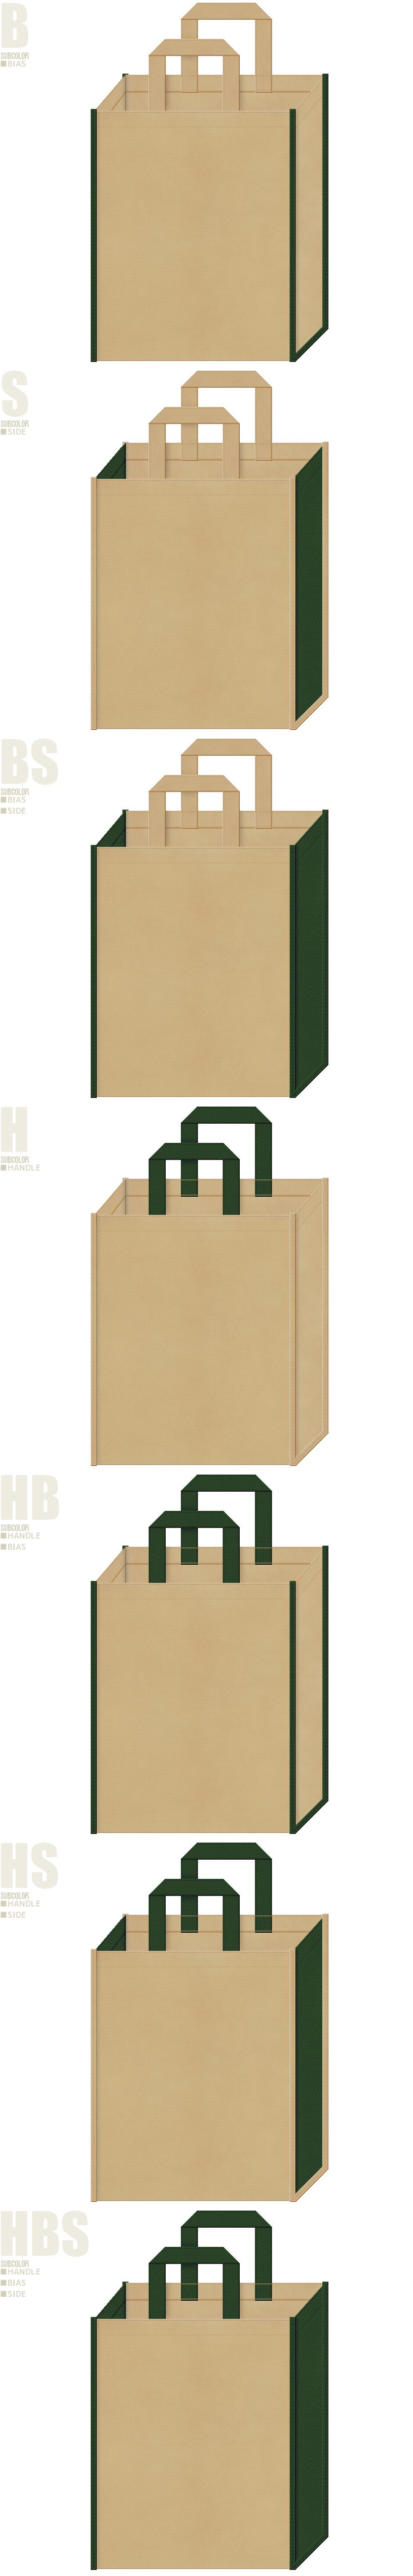 動物園・テーマパーク・探検・ジャングル・恐竜・サバンナ・サファリ・アニマル・アウトドア・キャンプ用品の展示会用バッグにお奨めの不織布バッグデザイン:カーキ色と濃緑色の配色7パターン。